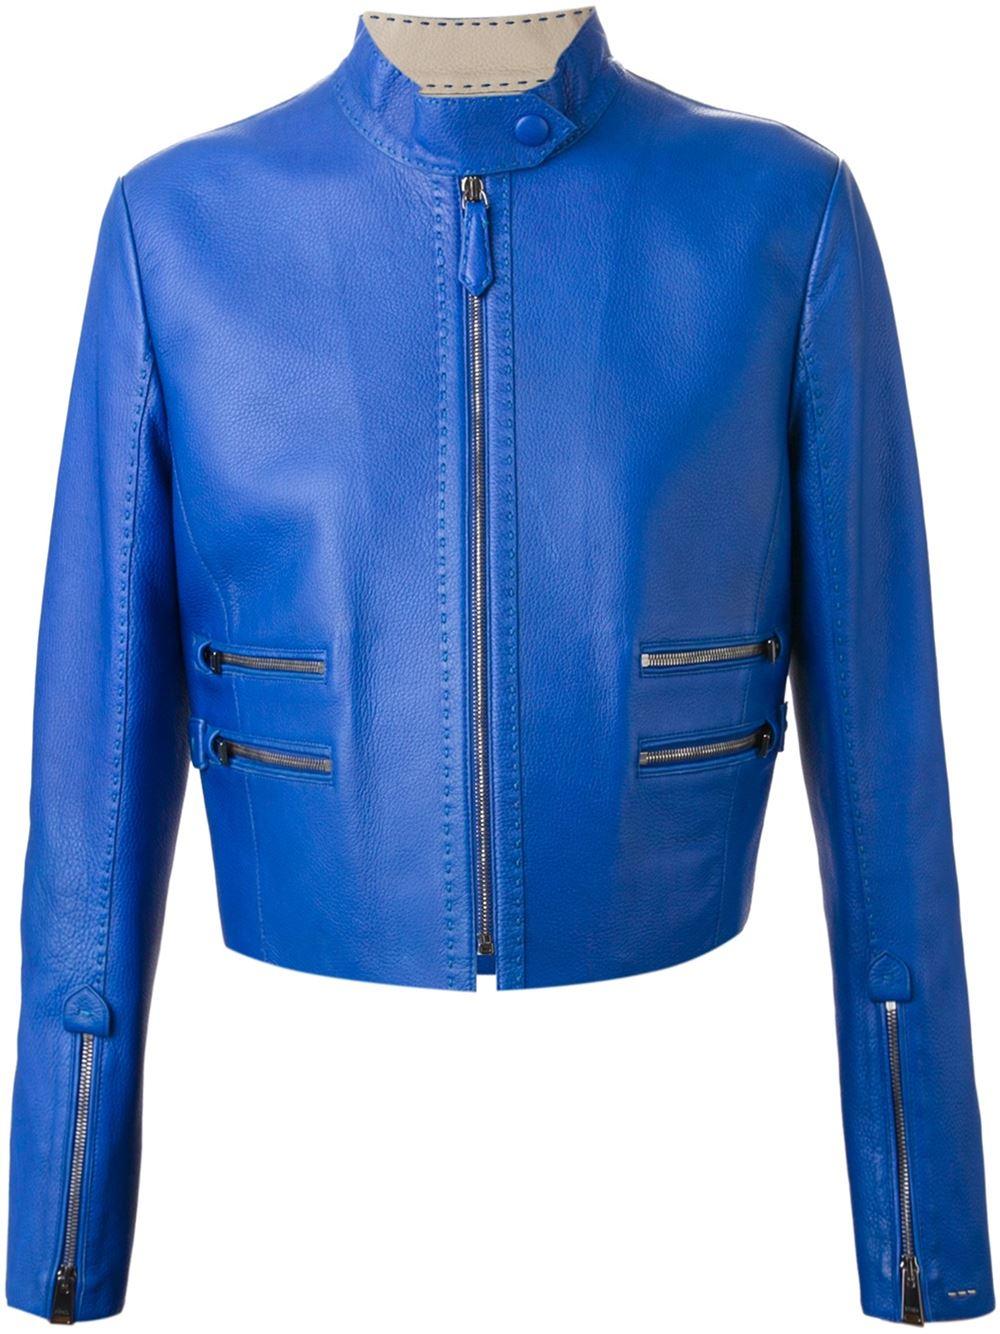 Lyst - Fendi Cropped Biker Jacket in Blue